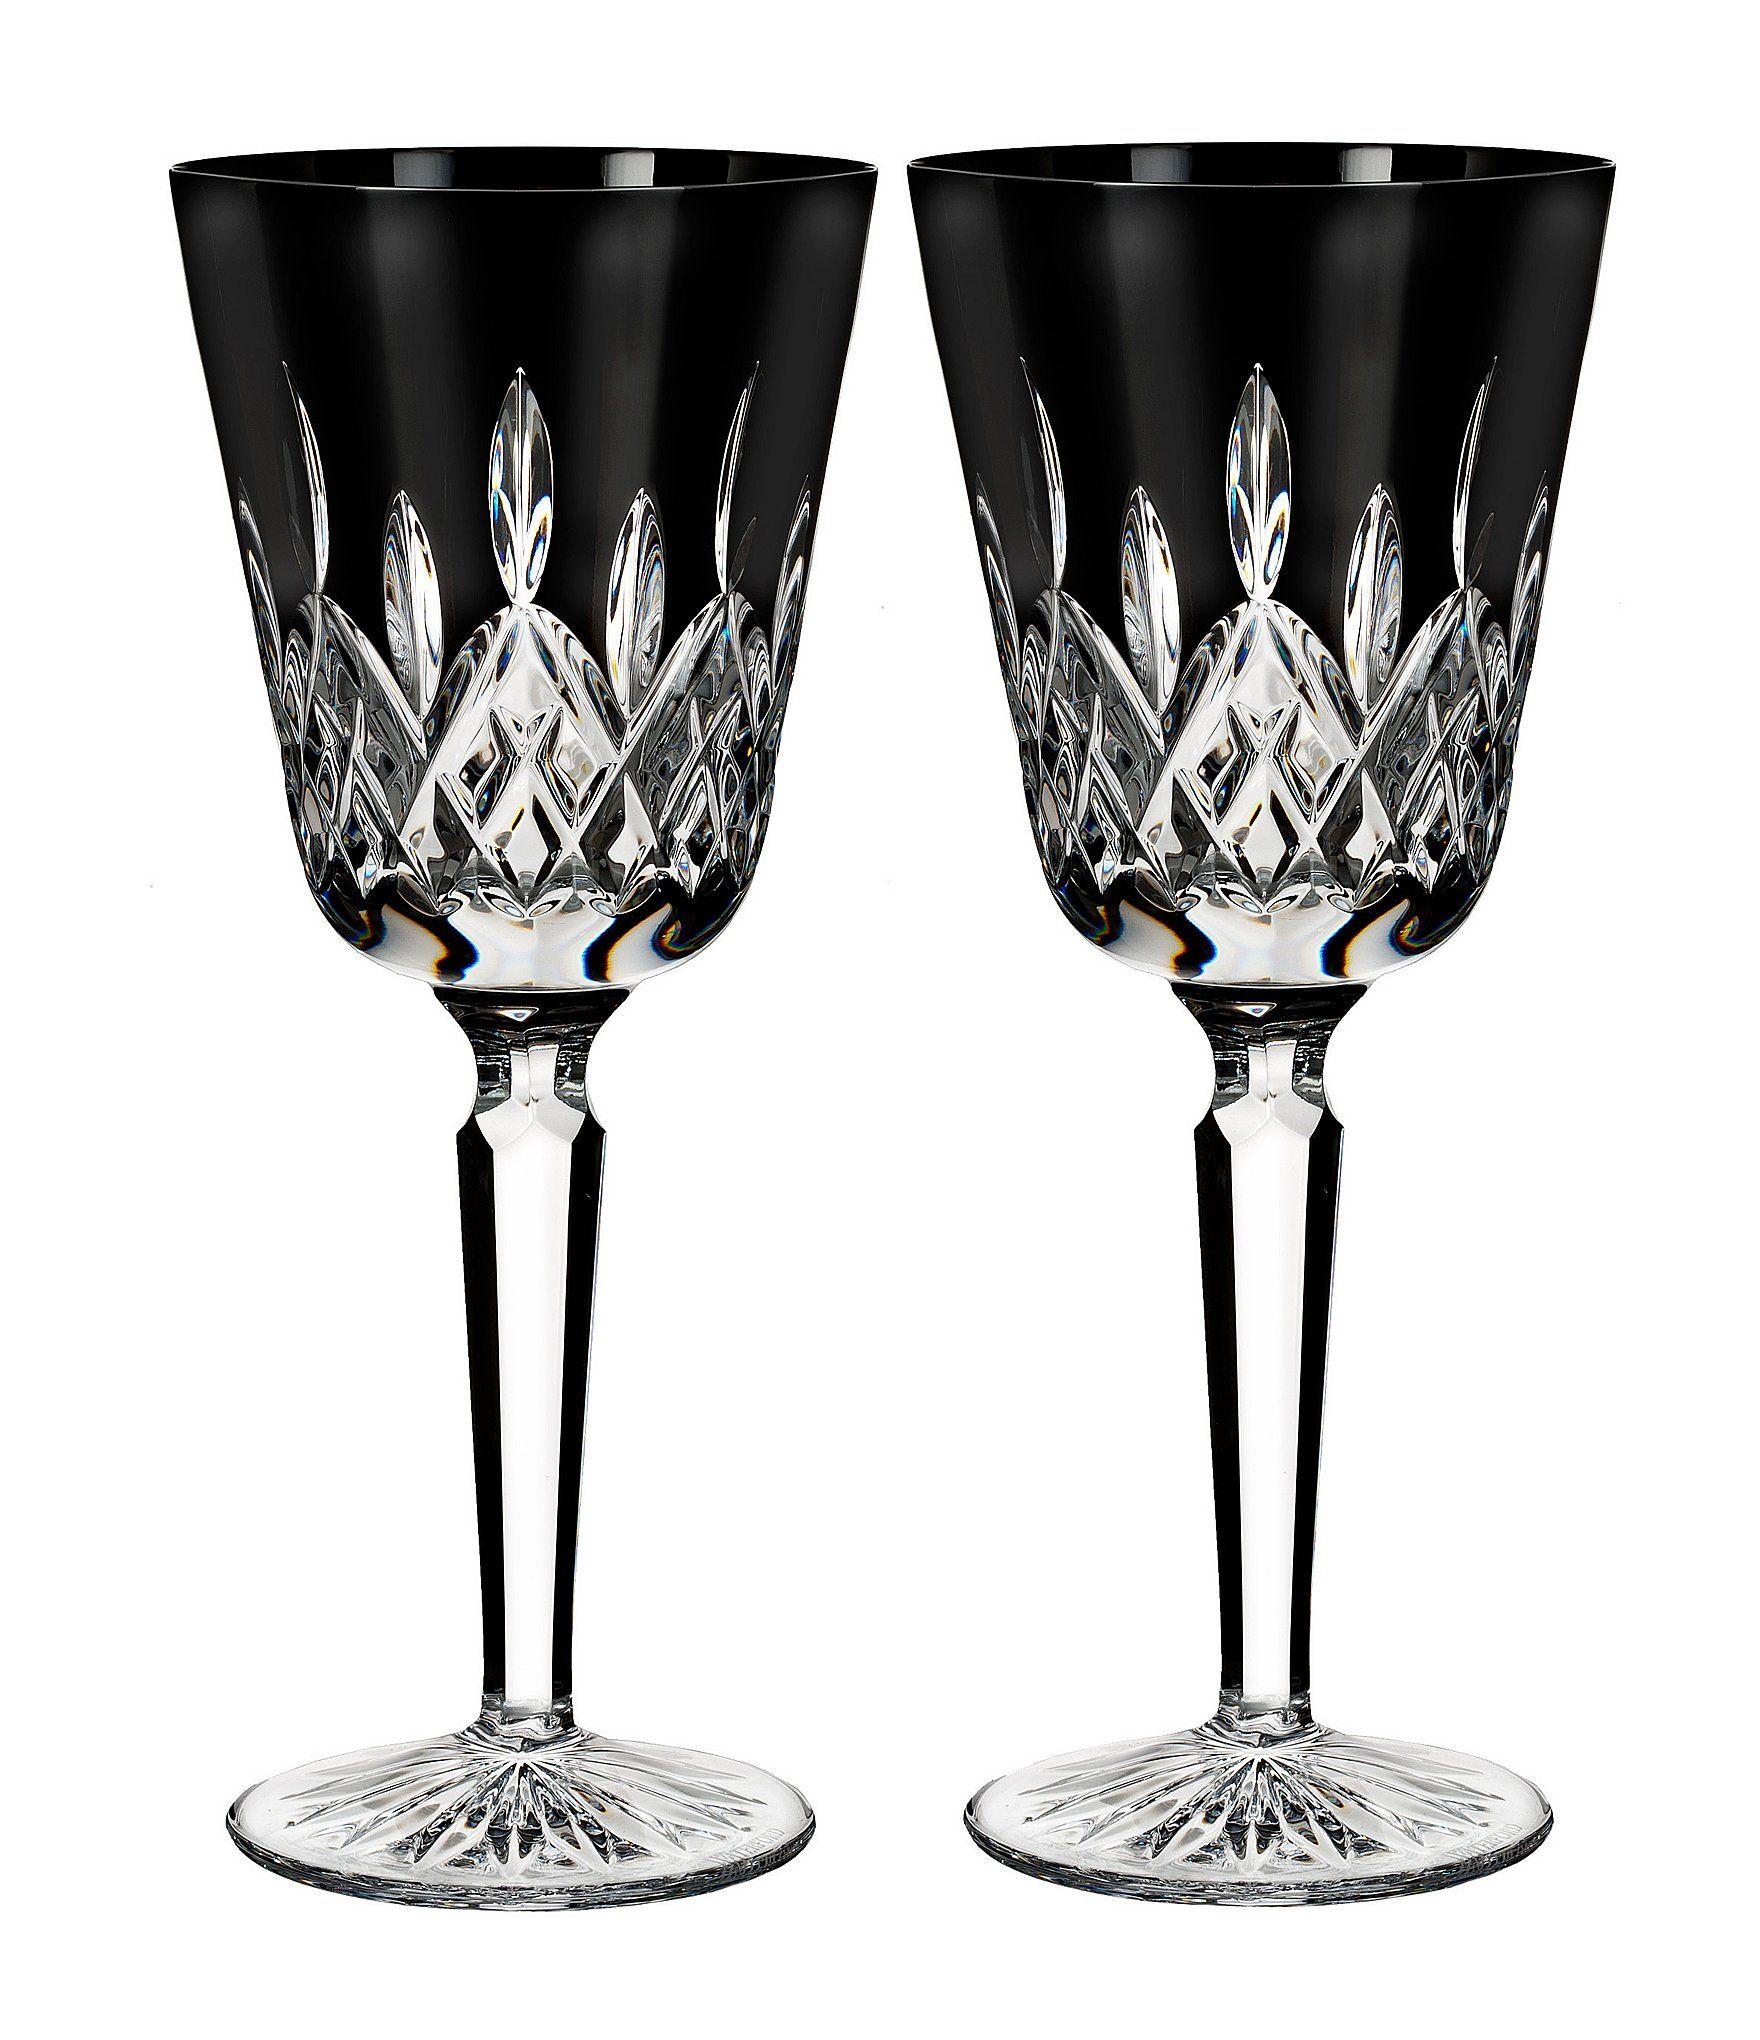 Waterford Lismore Black Crystal Goblet Pair Dillard S In 2021 Crystal Goblets Black Crystals Waterford Lismore